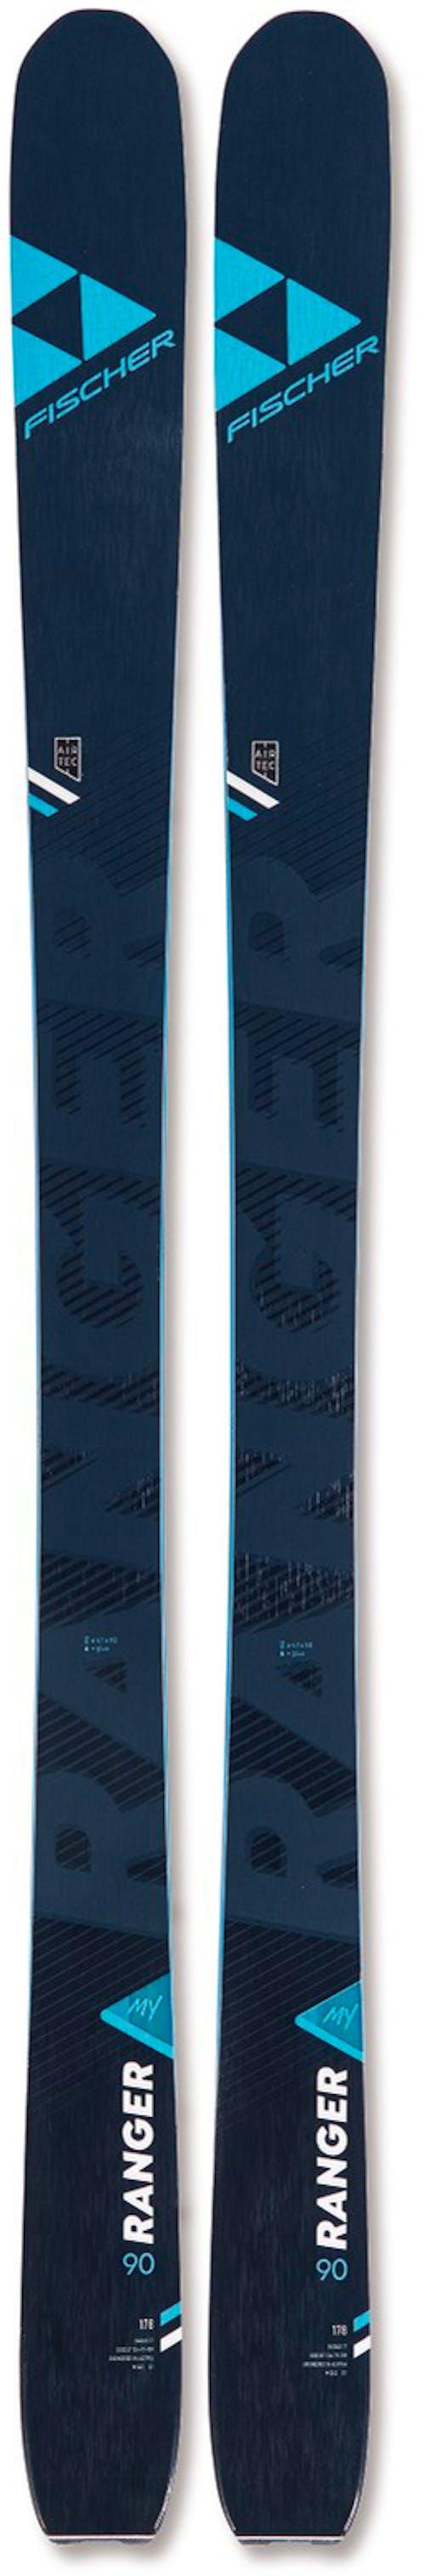 Fischer My Ranger 90 TI Skis · 2020